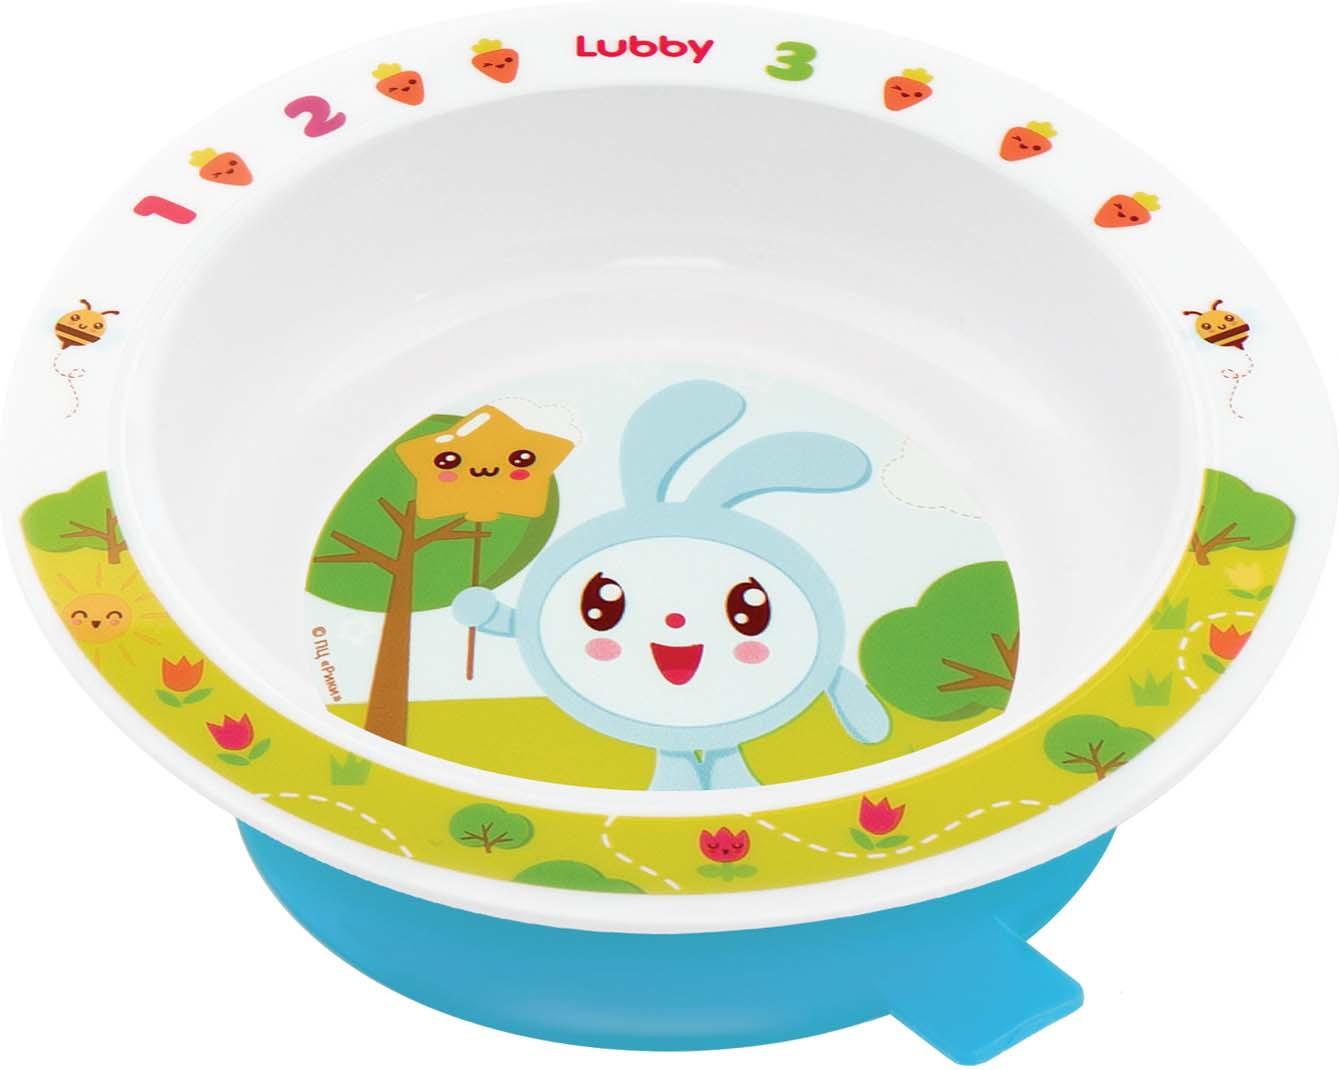 Тарелка на присоске Lubby Малышарики 20916, голубой